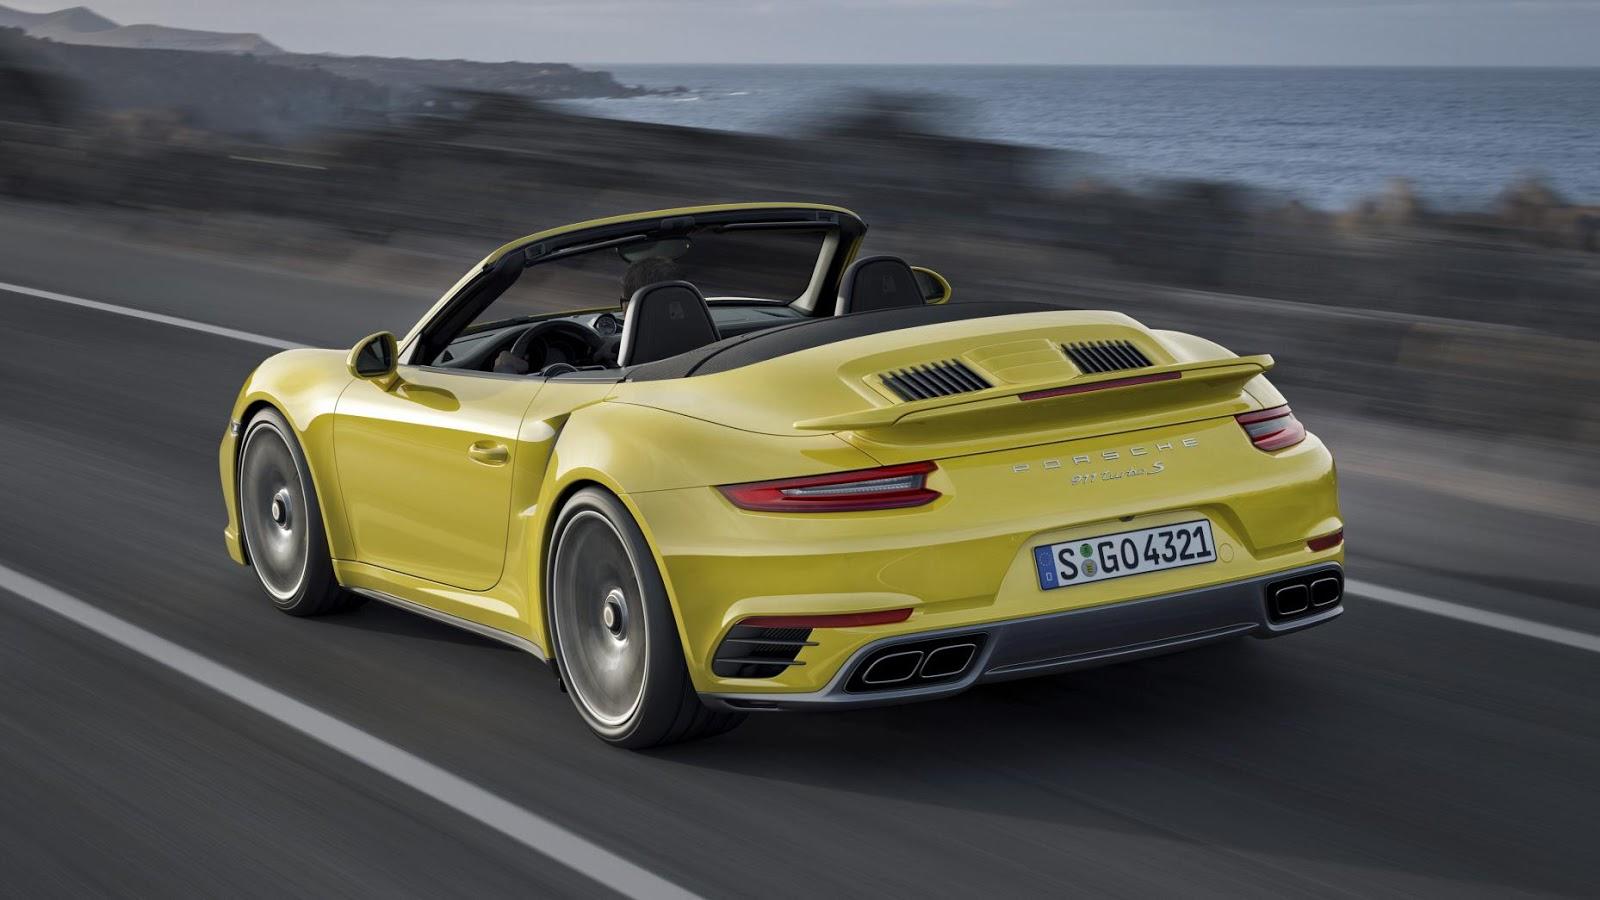 10: Porsche 911 Turbo S Cabriolet